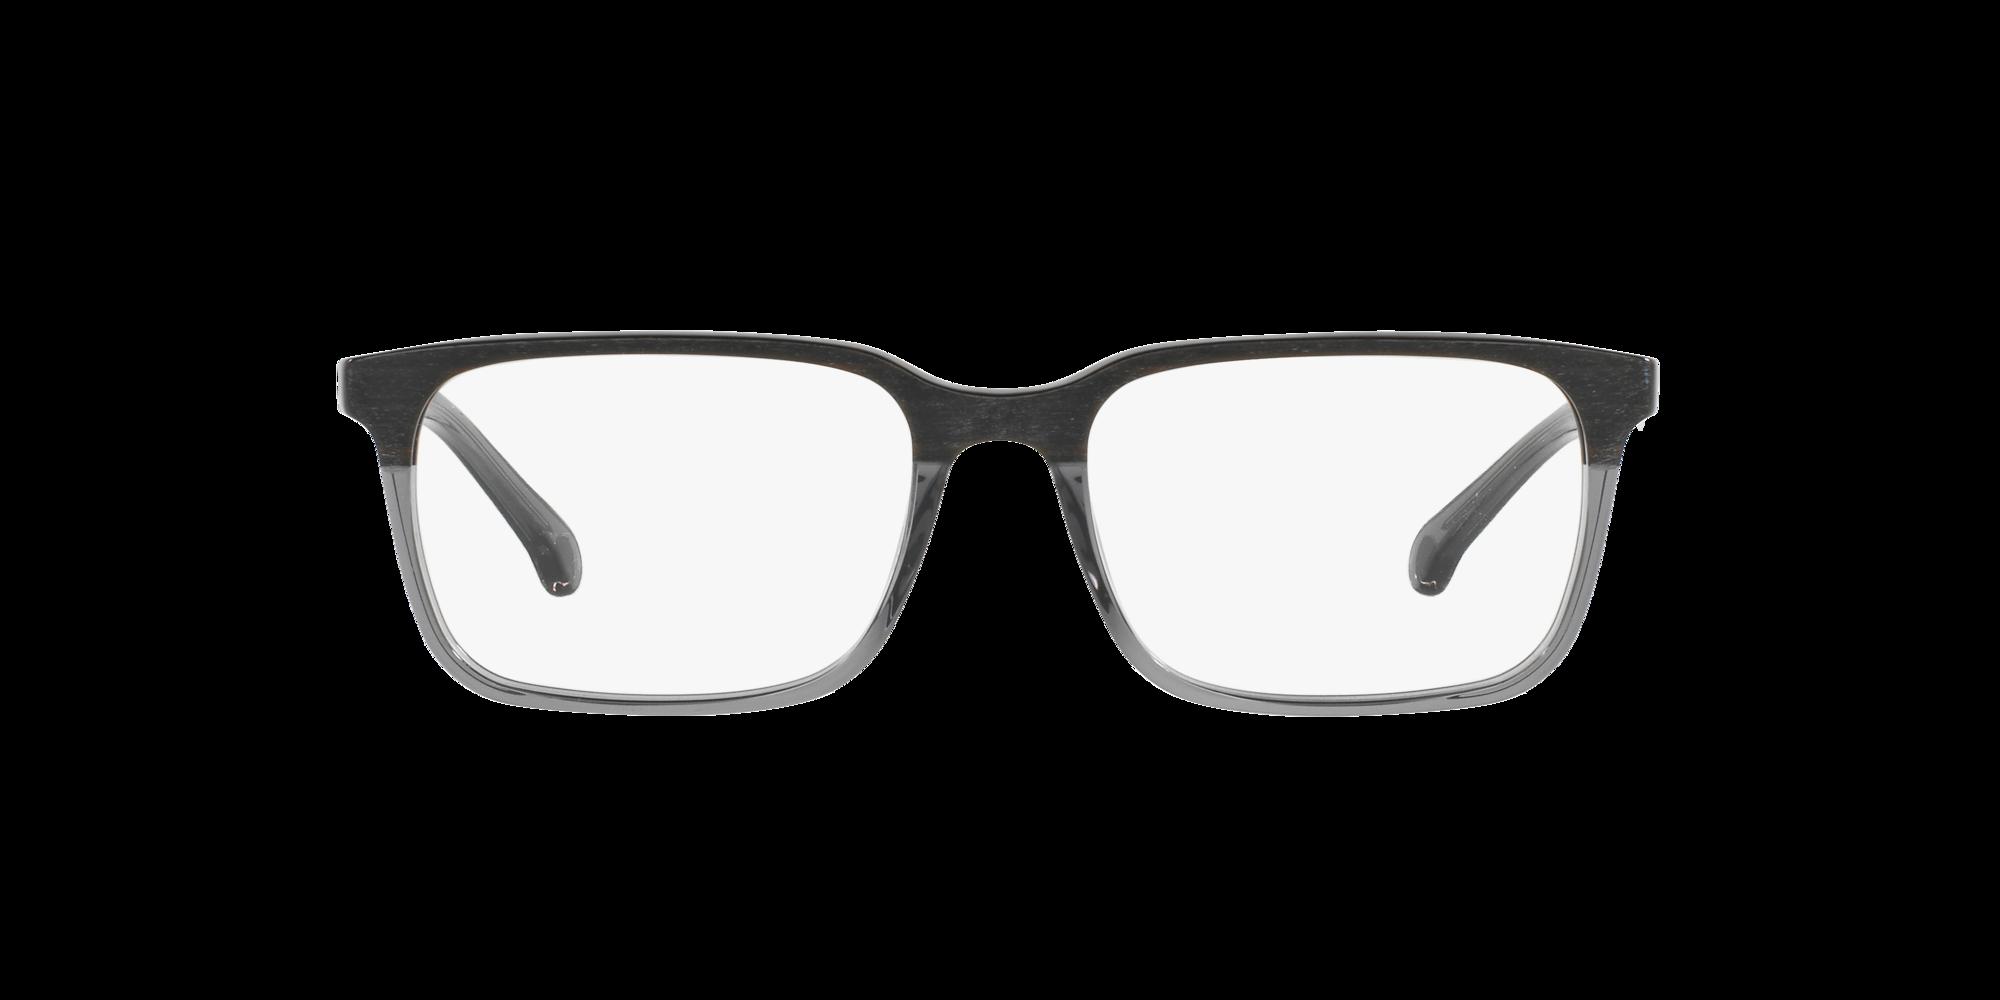 Imagen para BB2033 de LensCrafters |  Espejuelos, espejuelos graduados en línea, gafas